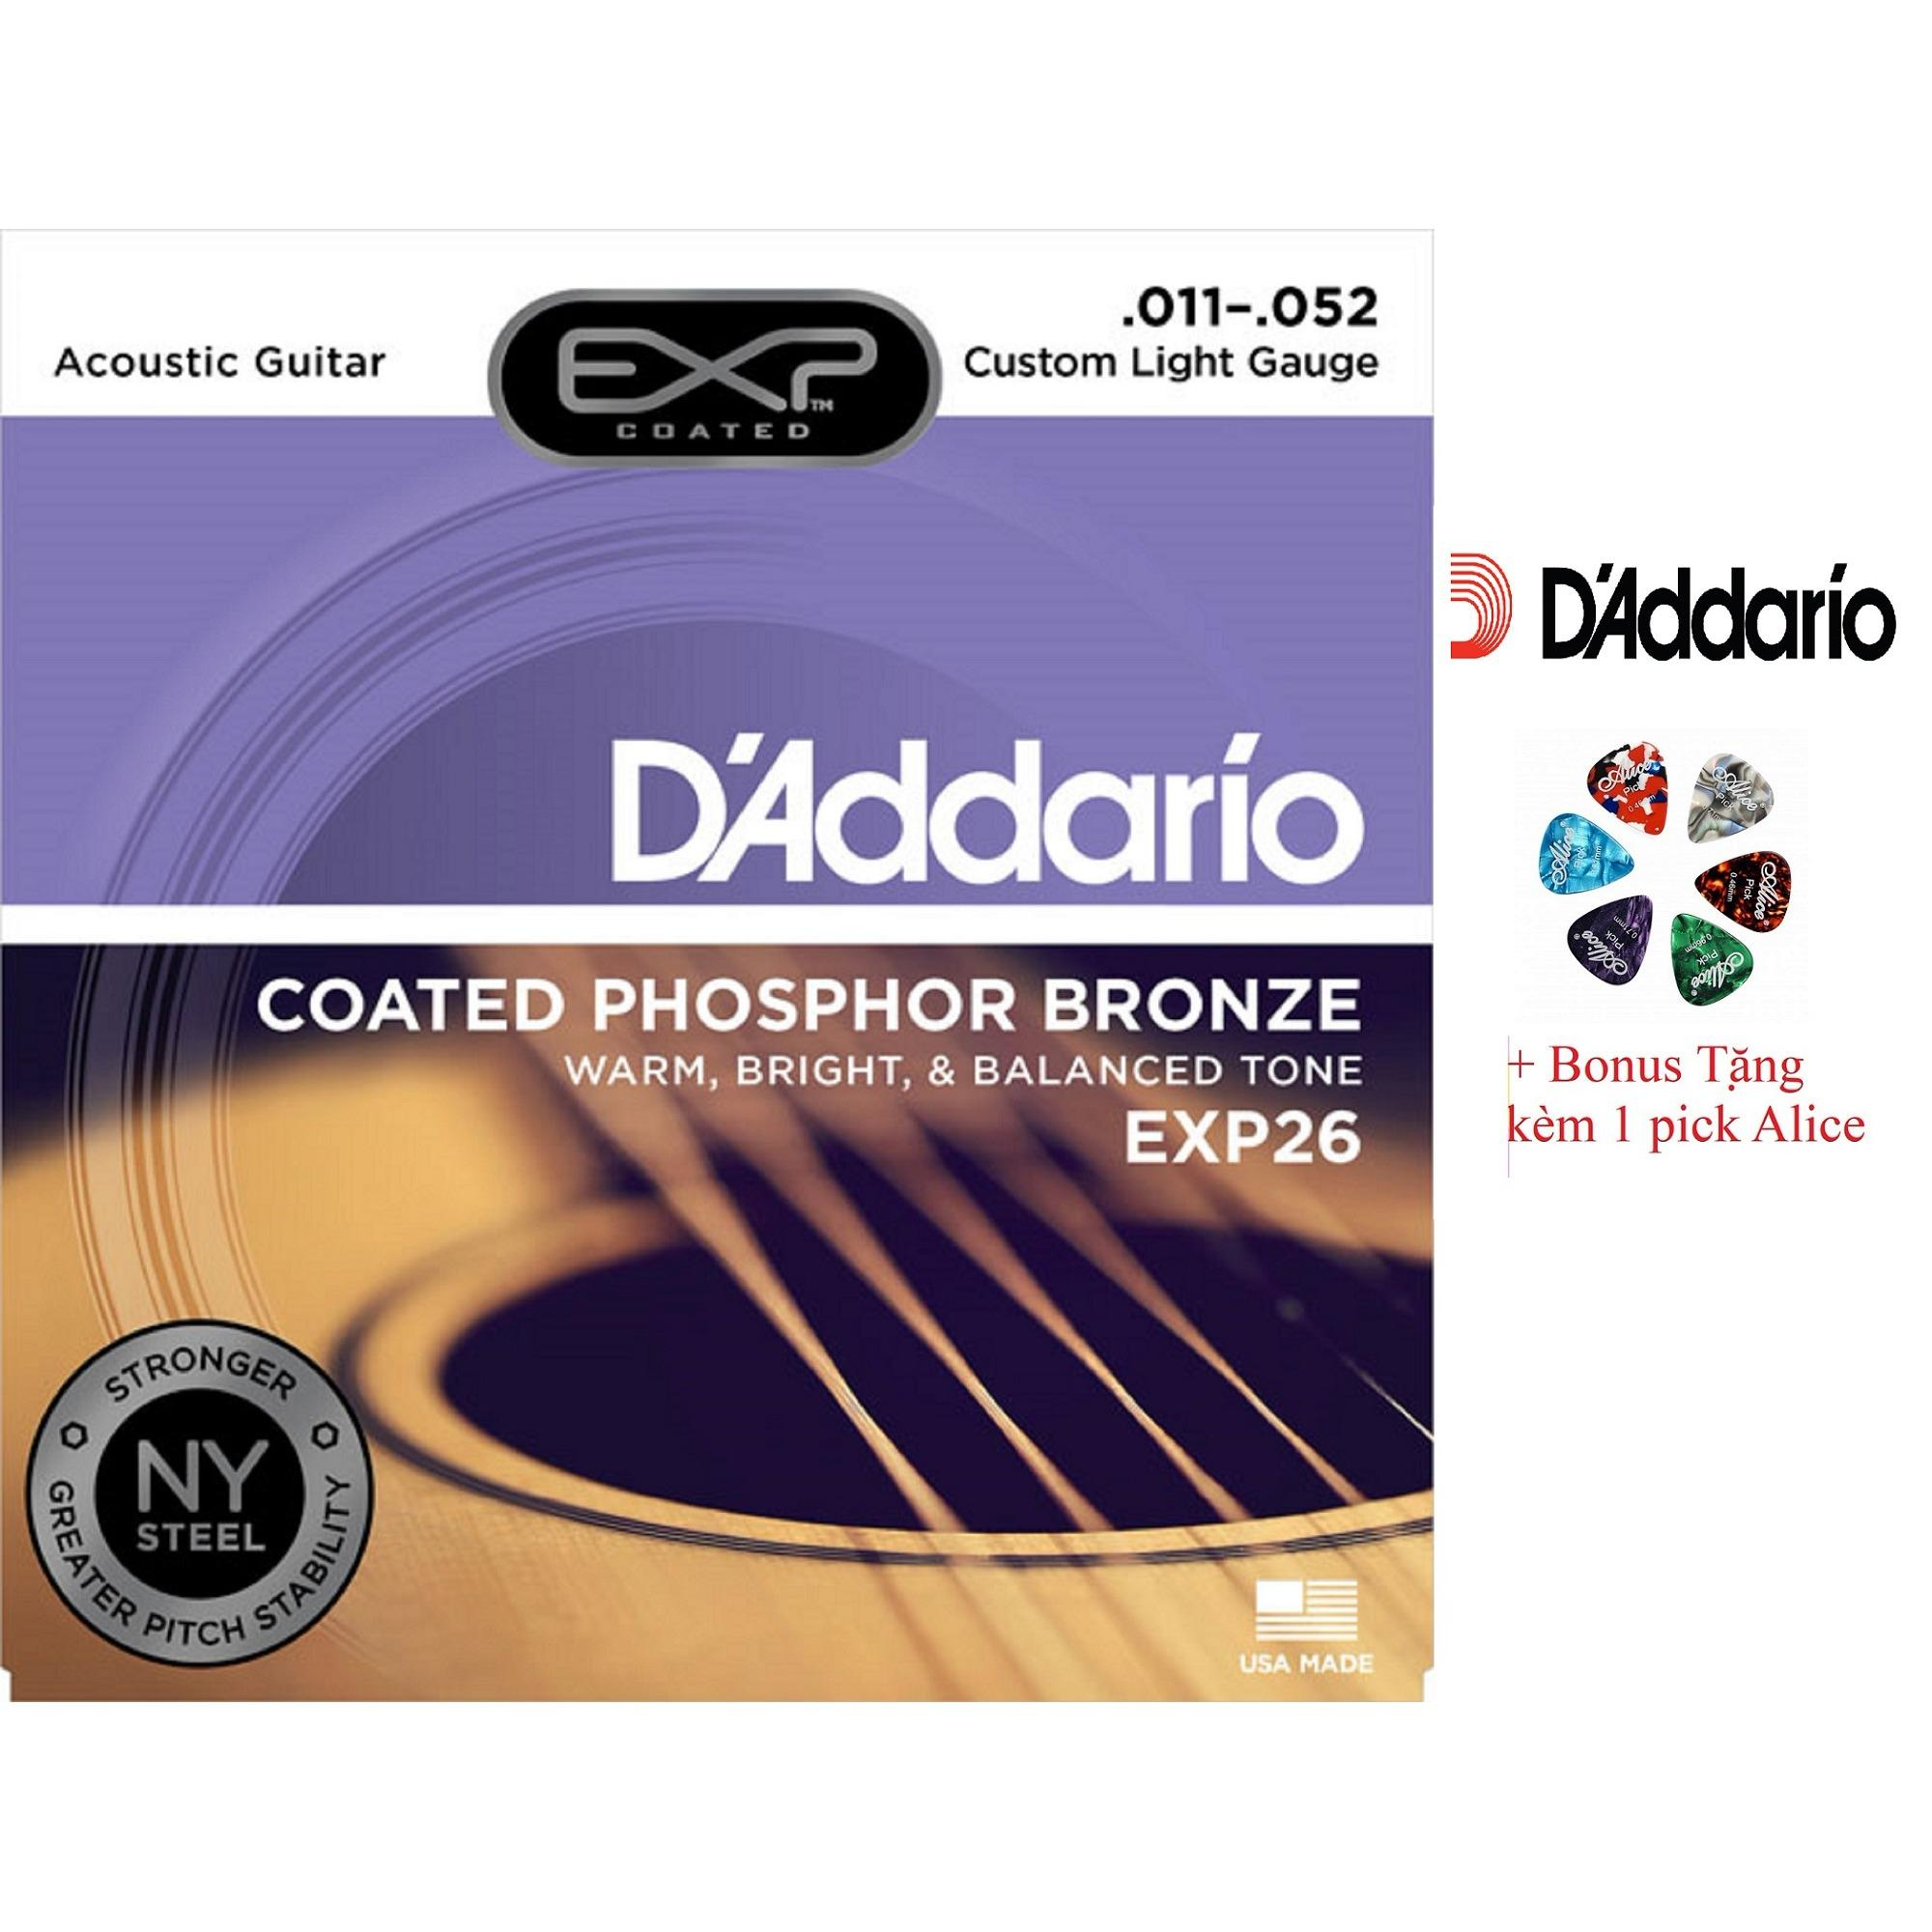 Giá Bán Bộ Hộp 6 Day Đan Guitar Acoustic D Addario Exp26 Cao Cấp Pick Alice Cỡ 11 Mới